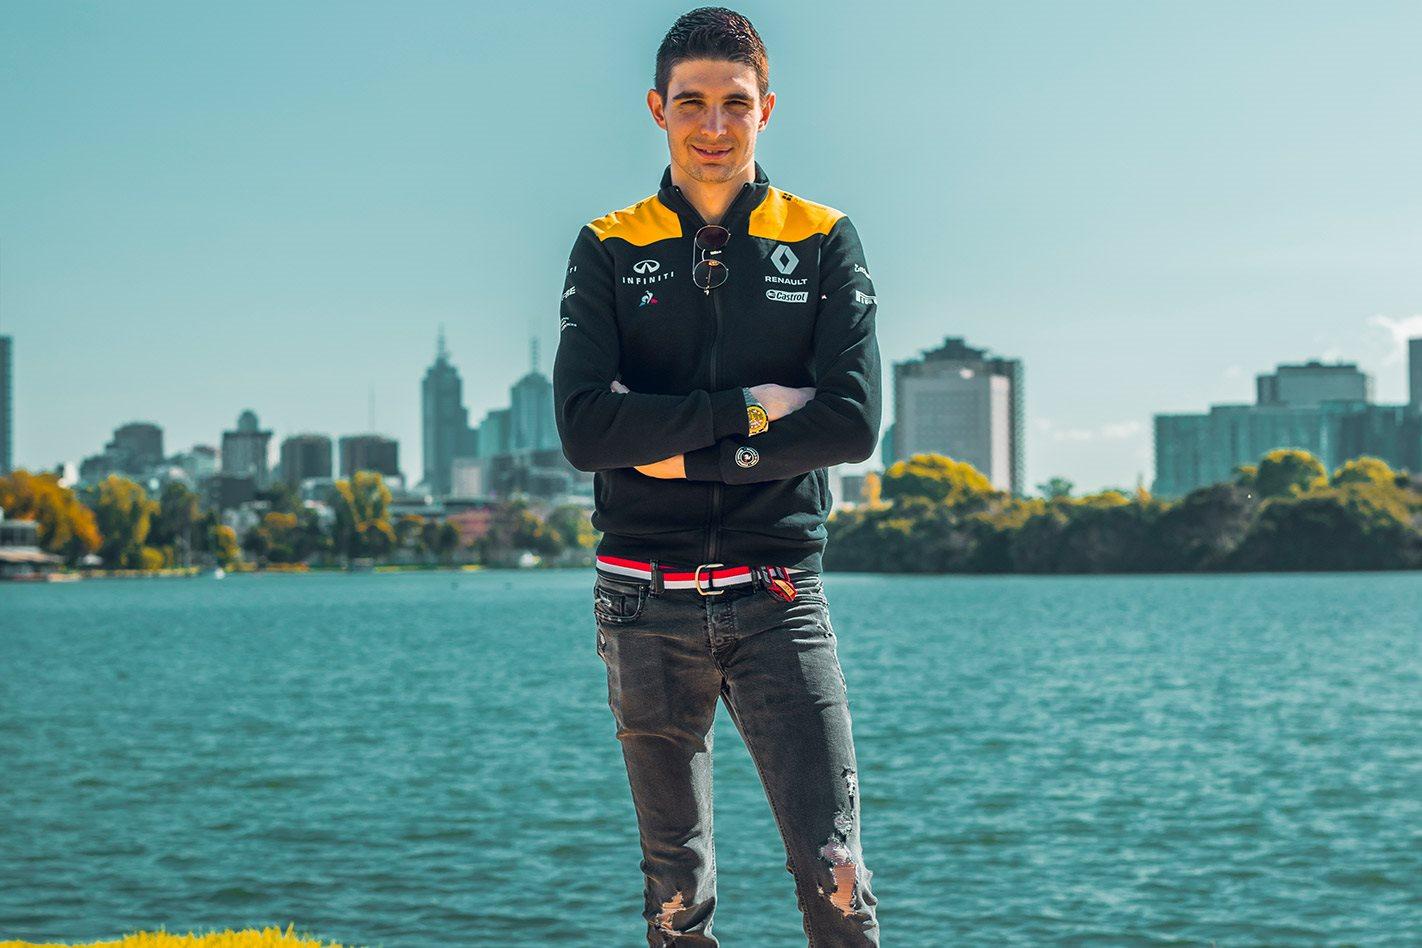 Meet Esteban Ocon – Daniel Ricciardo's nemesis for 2020